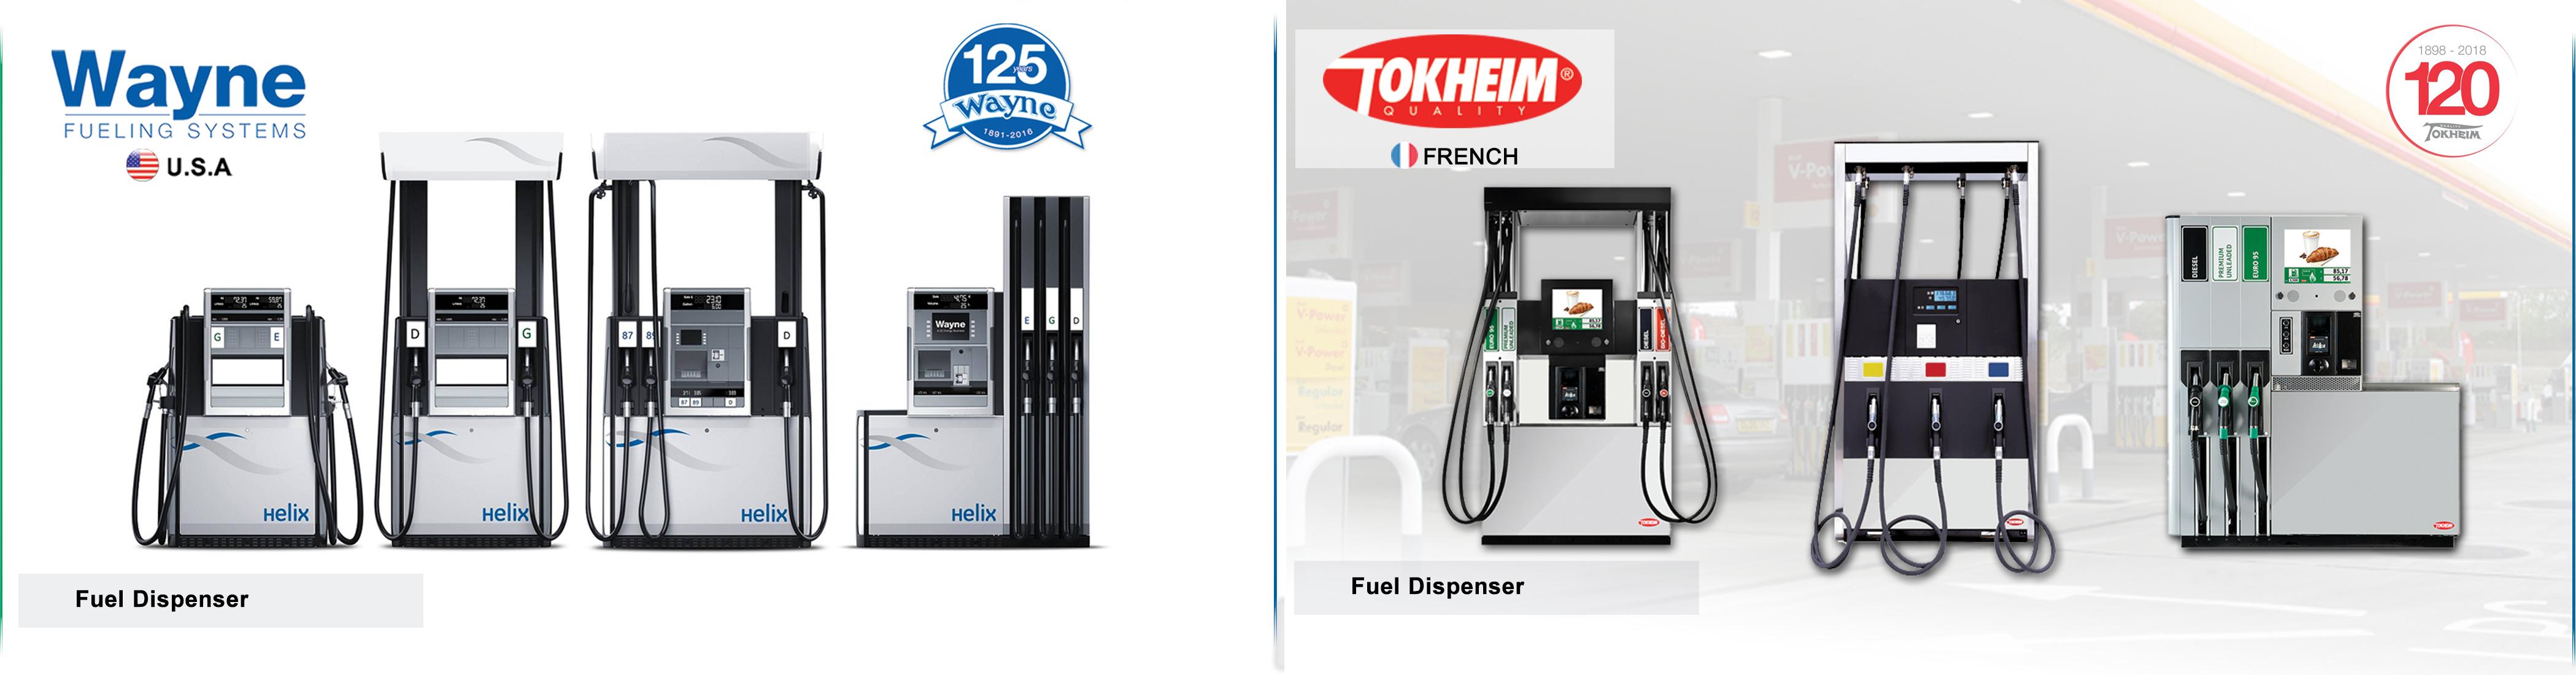 Quantium 430 Fuel Dispenser Pyei Sone Hein Group Of